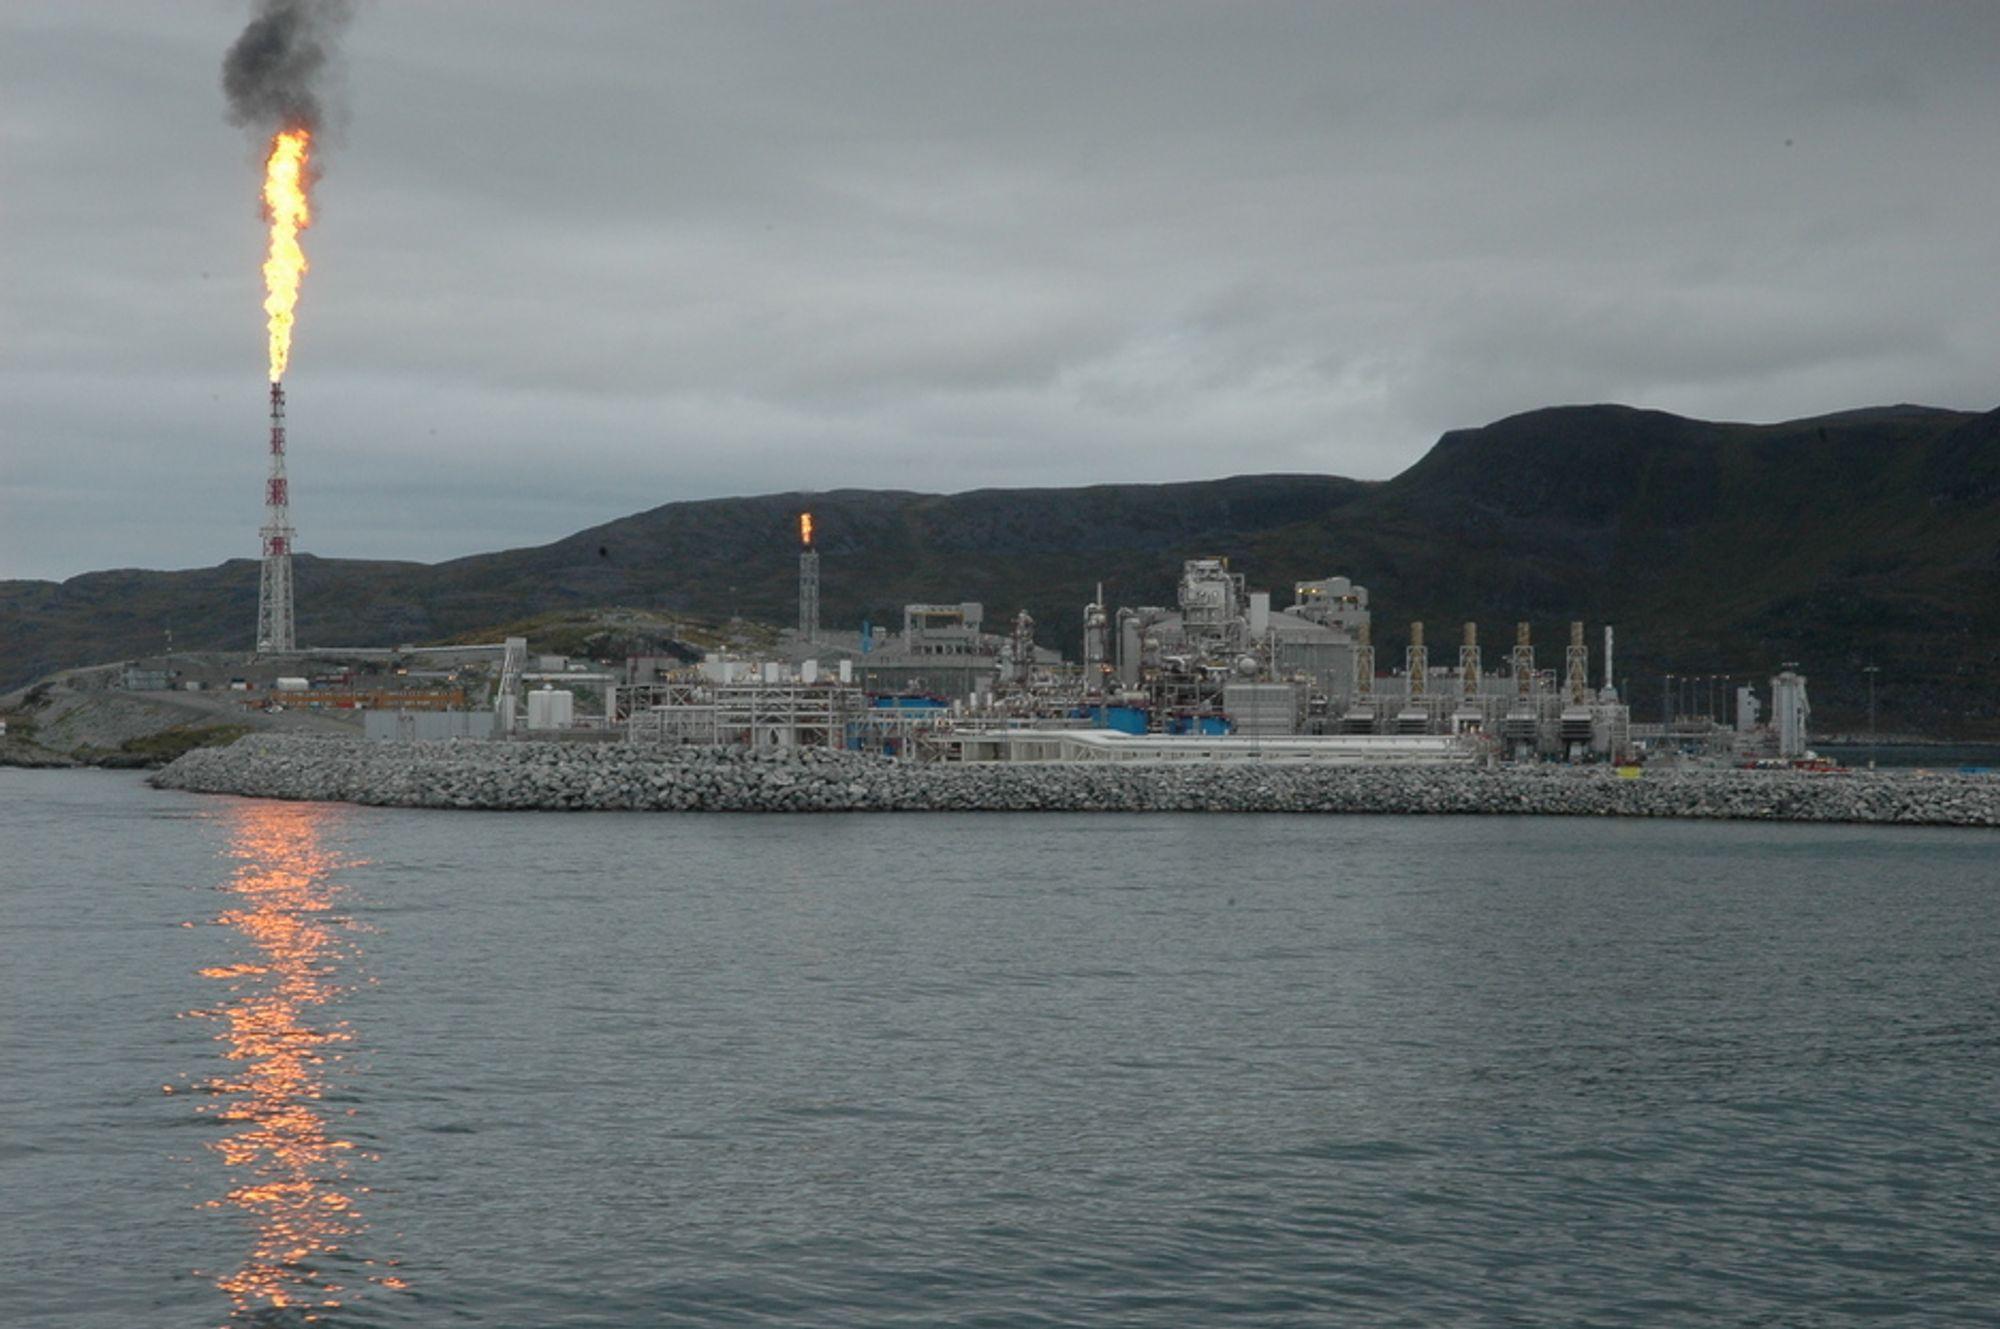 SLOKKER FAKKELEN: Et av tiltakene for å redusere CO2-utslippene er å slokke fakkelen. Hoppet i CO2-utslipp i 2007 kom nettopp av all faklingen på Snøhvit. I dag går anlegget som forutsatt og fakkelen er slukket. På den anne side slipper gasskraftverket på Melkøya ut nesten 900 000 tonn CO2 årlig.